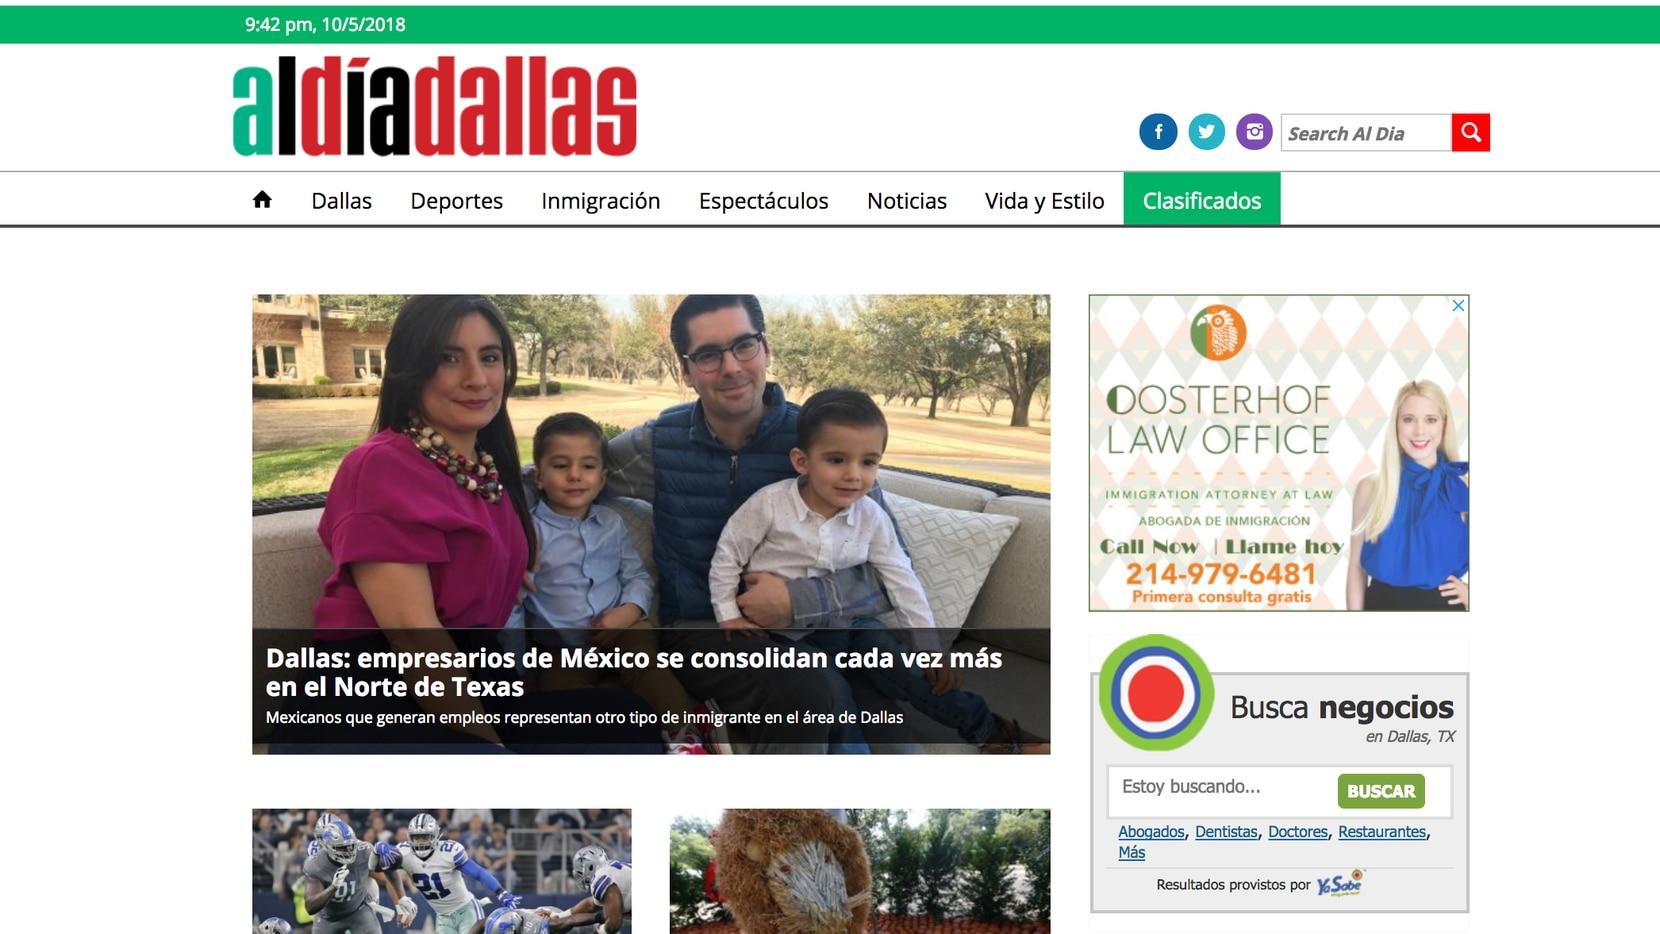 Edición digital de aldiadallas,com